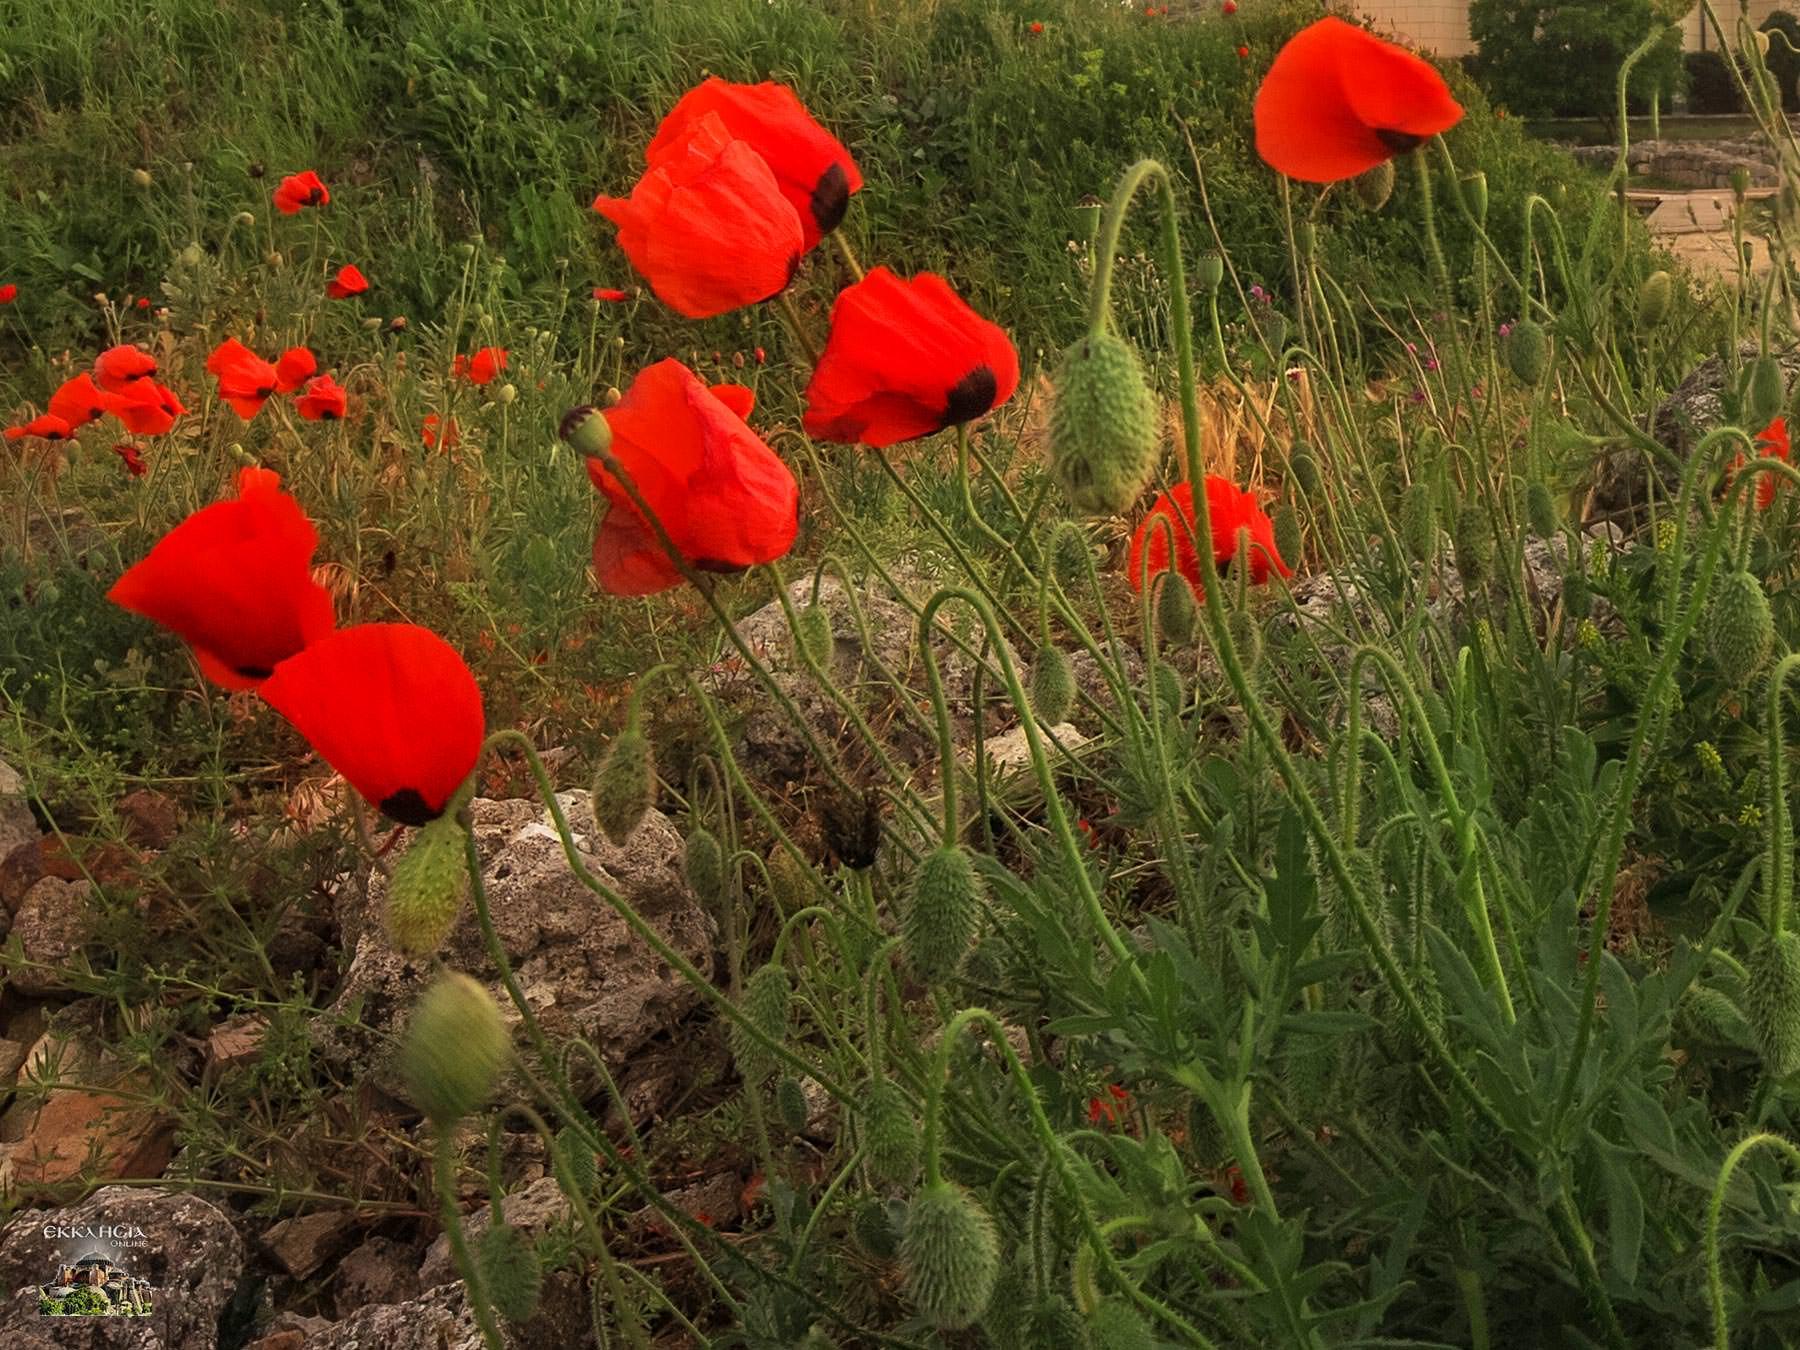 Γιορτή σήμερα λουλούδια